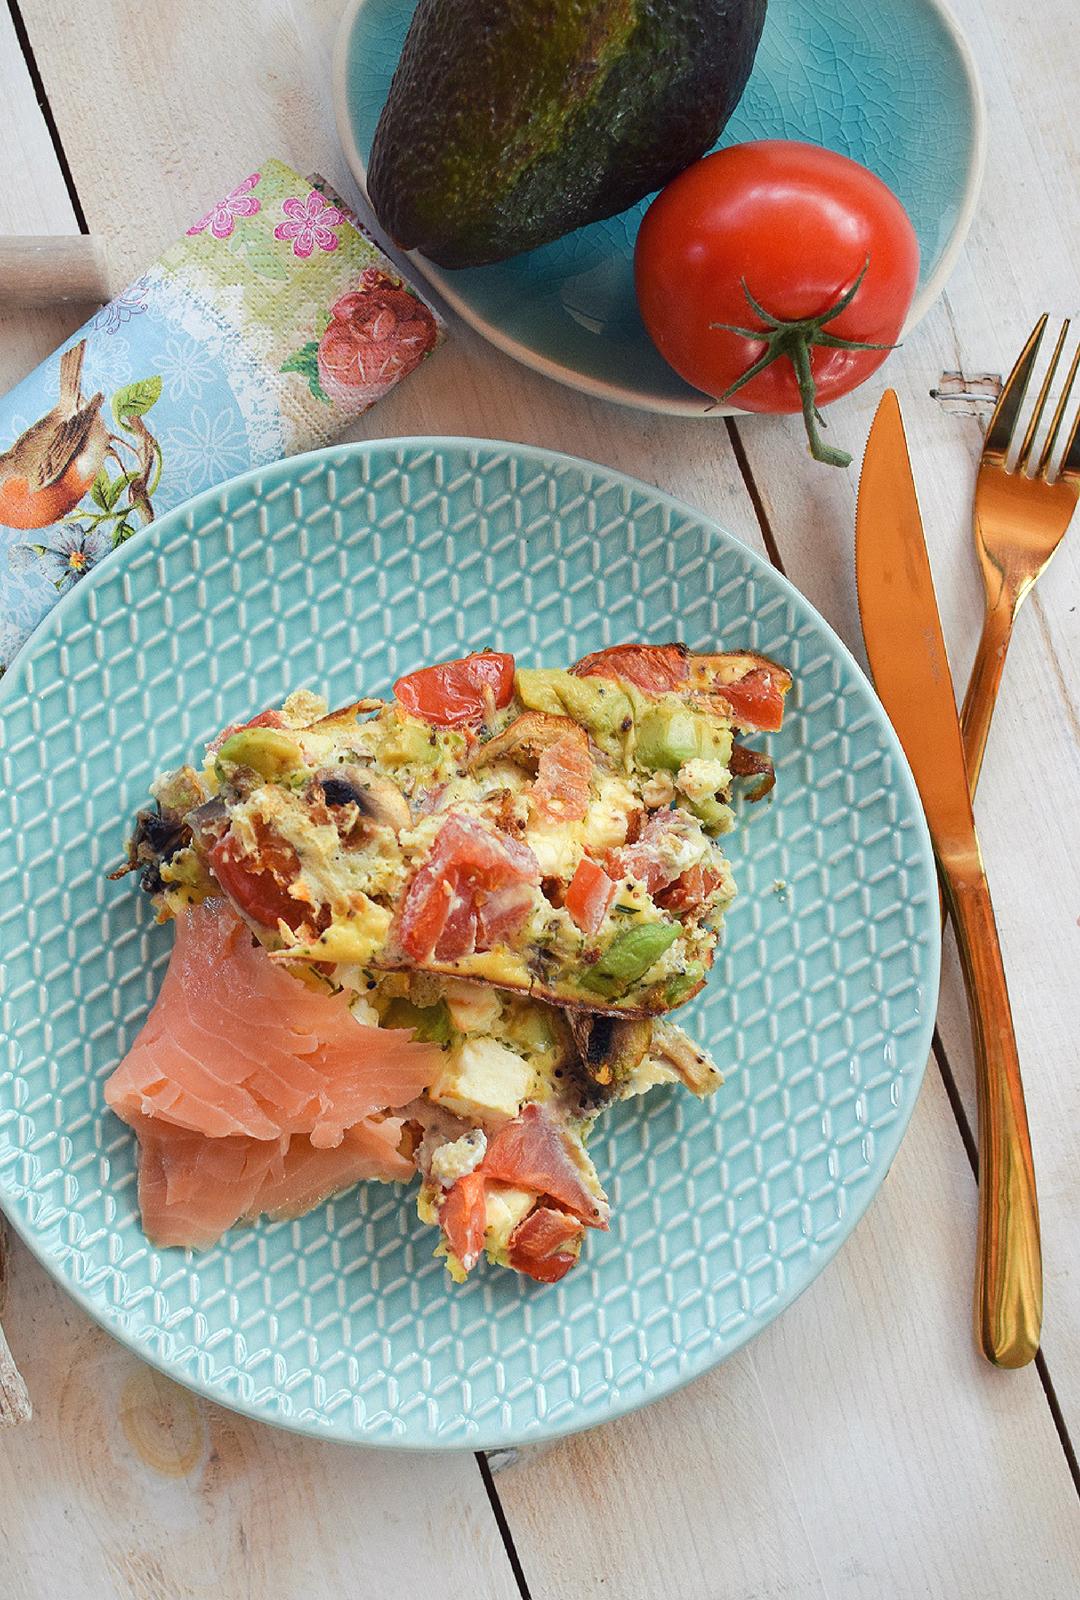 Gesundes Essen mit viel Eiweiß und ungesättigten Fettsäuren